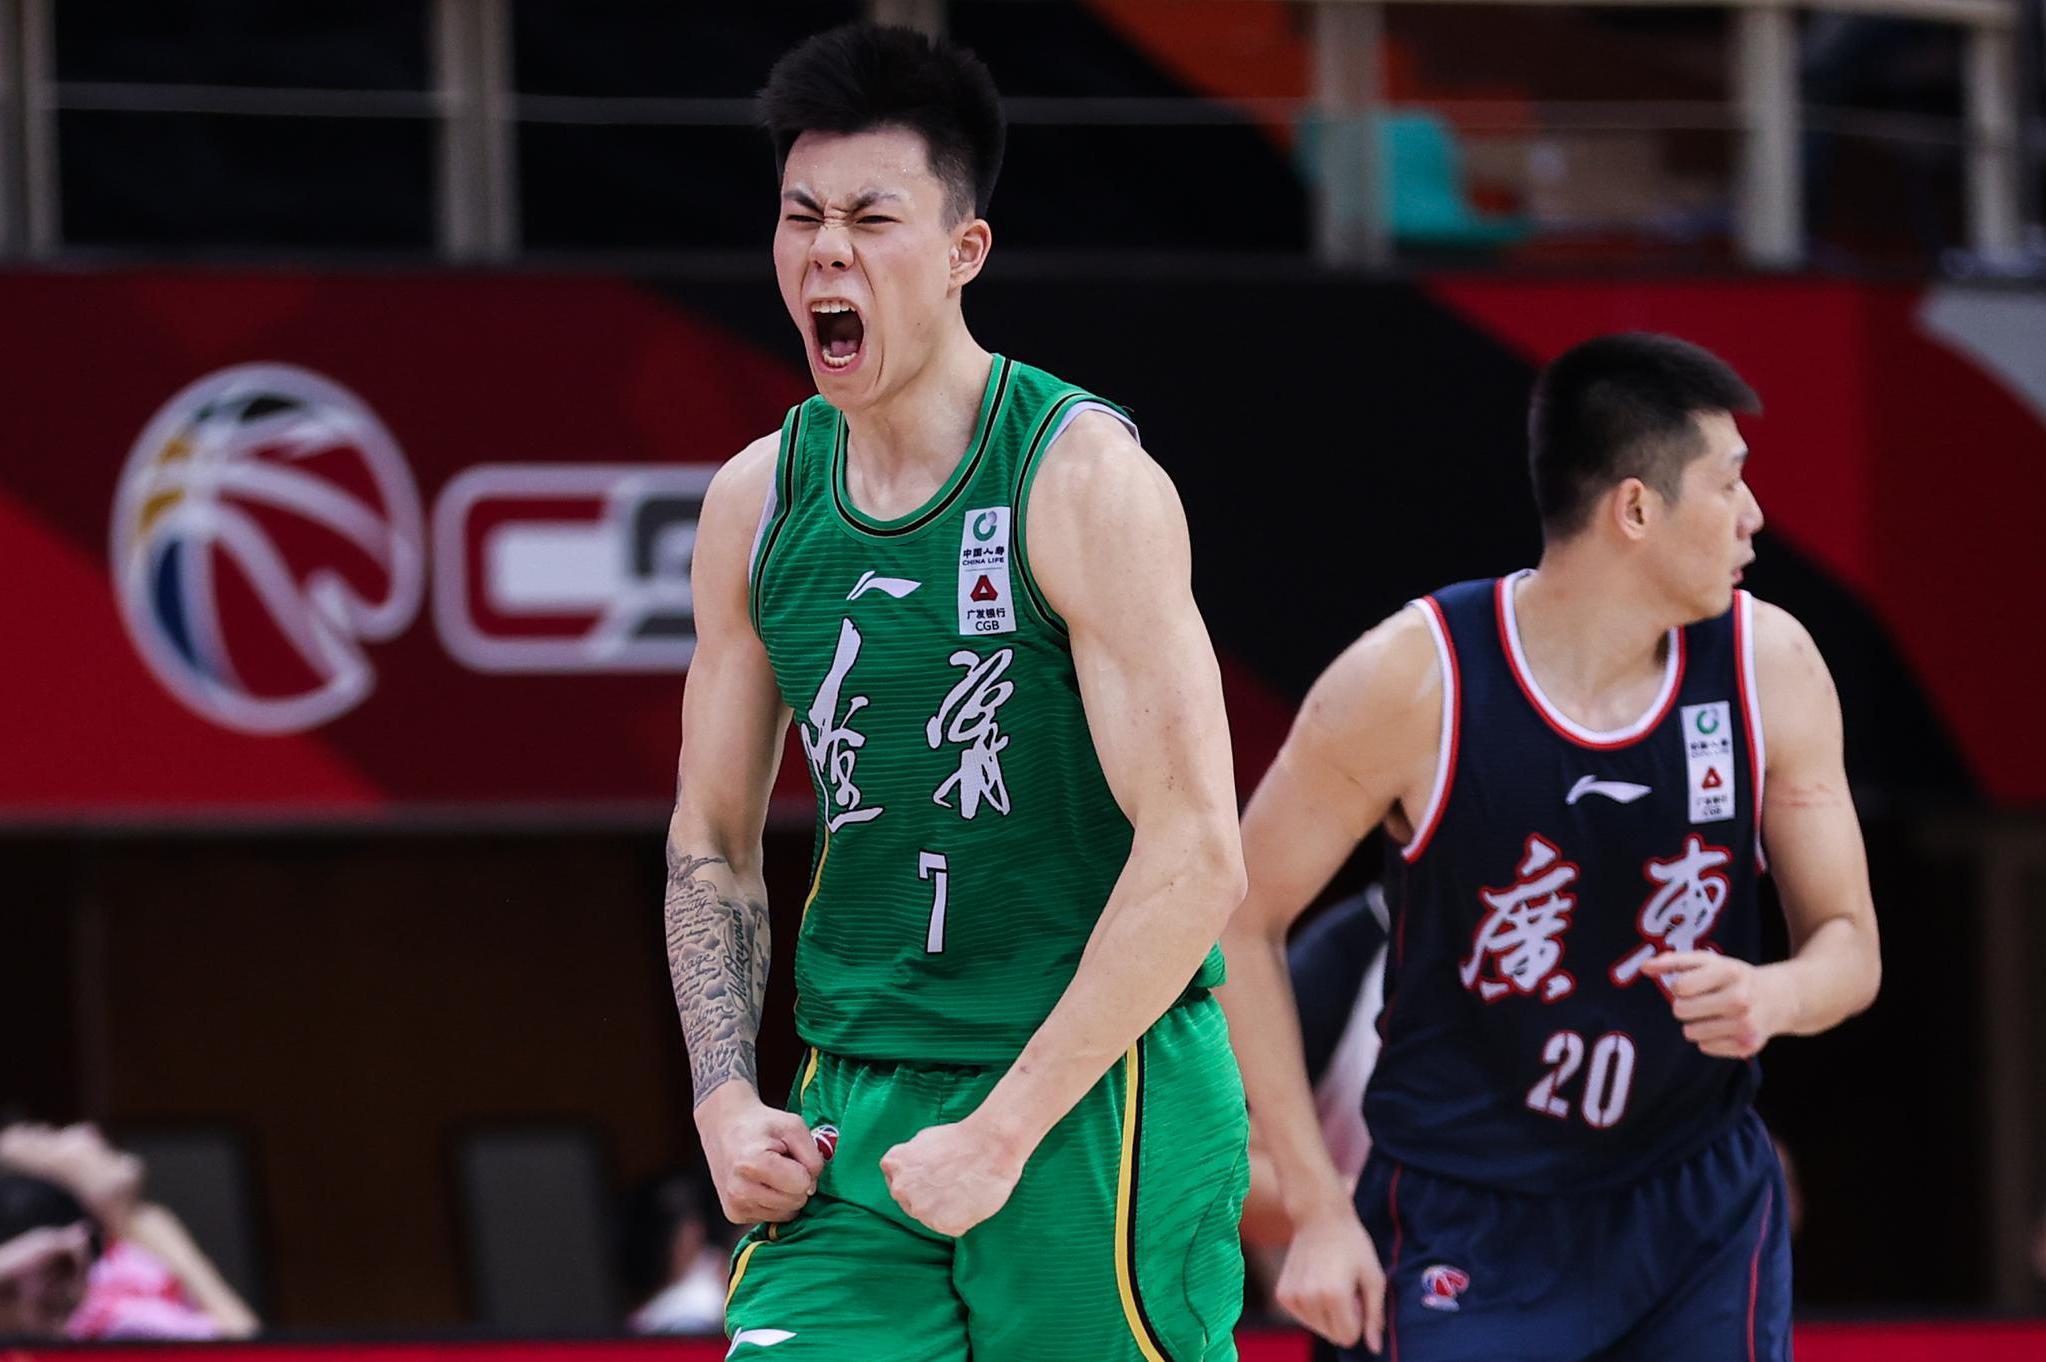 恭喜,年度最佳新秀出炉,张镇麟击败齐麟、朱松玮,中国男篮之星